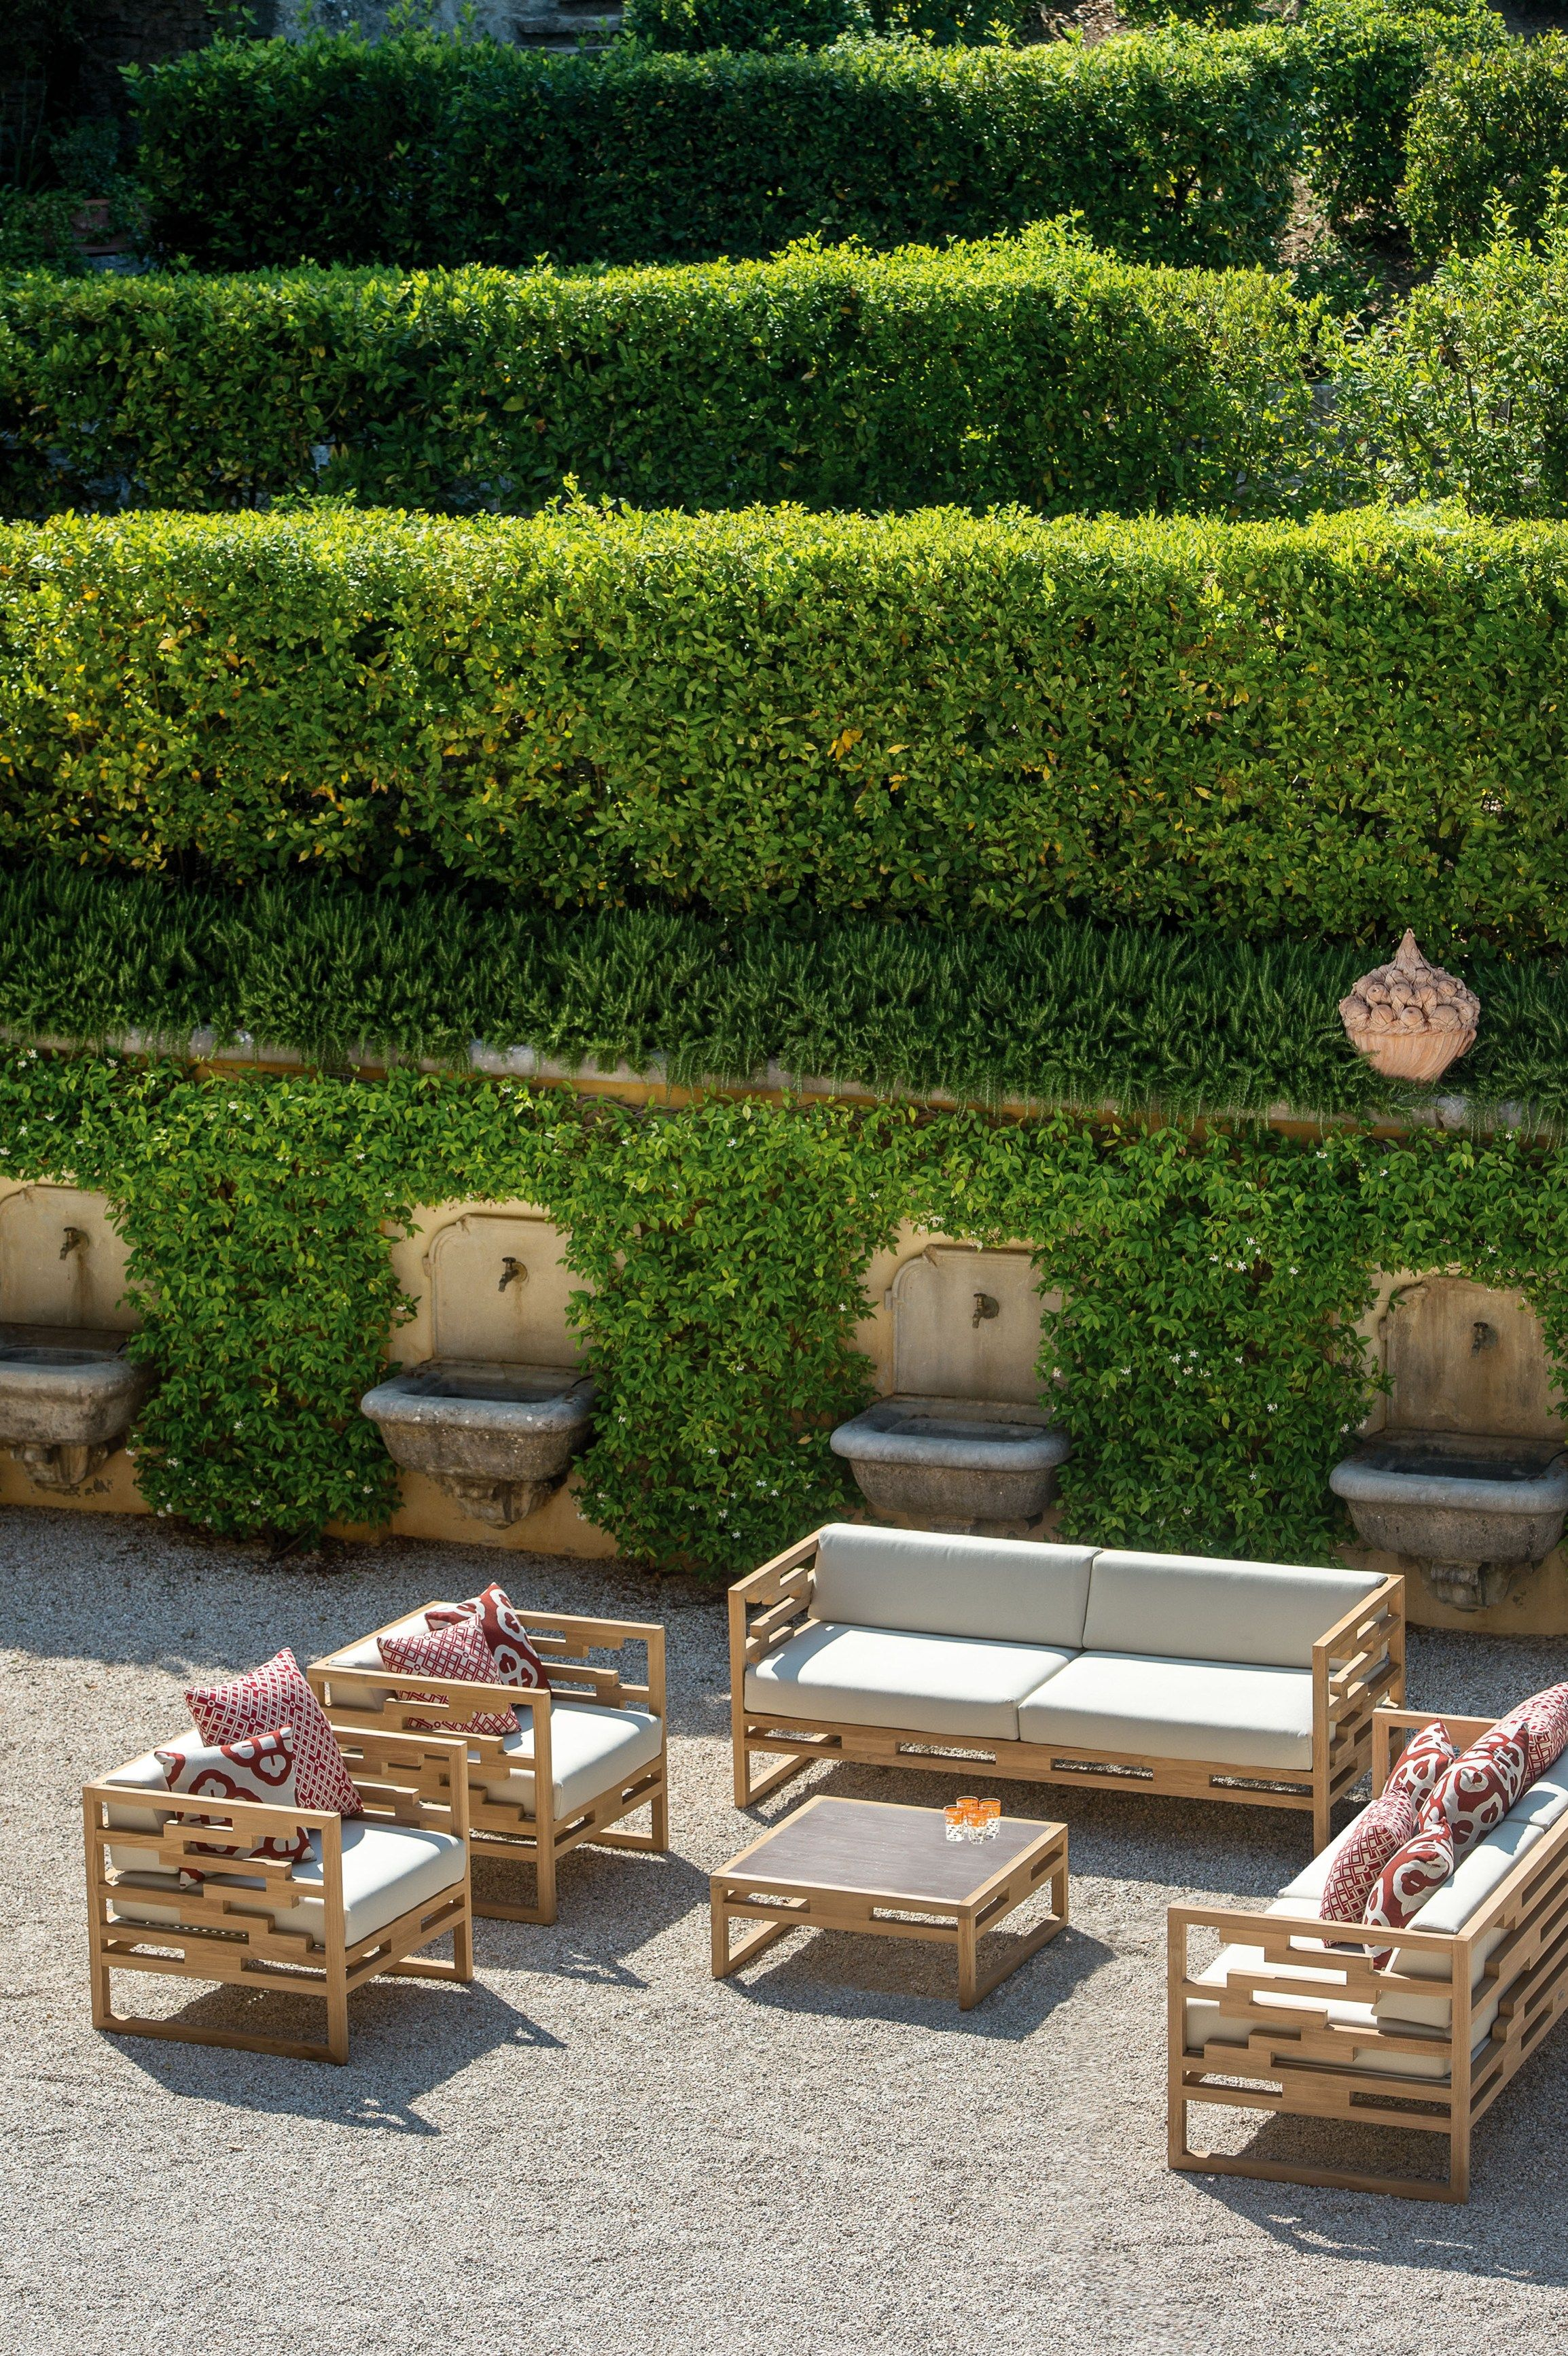 Lounge Chair KONTIKI Kontiki Line By @emugroupspa Chiaramonte Marin